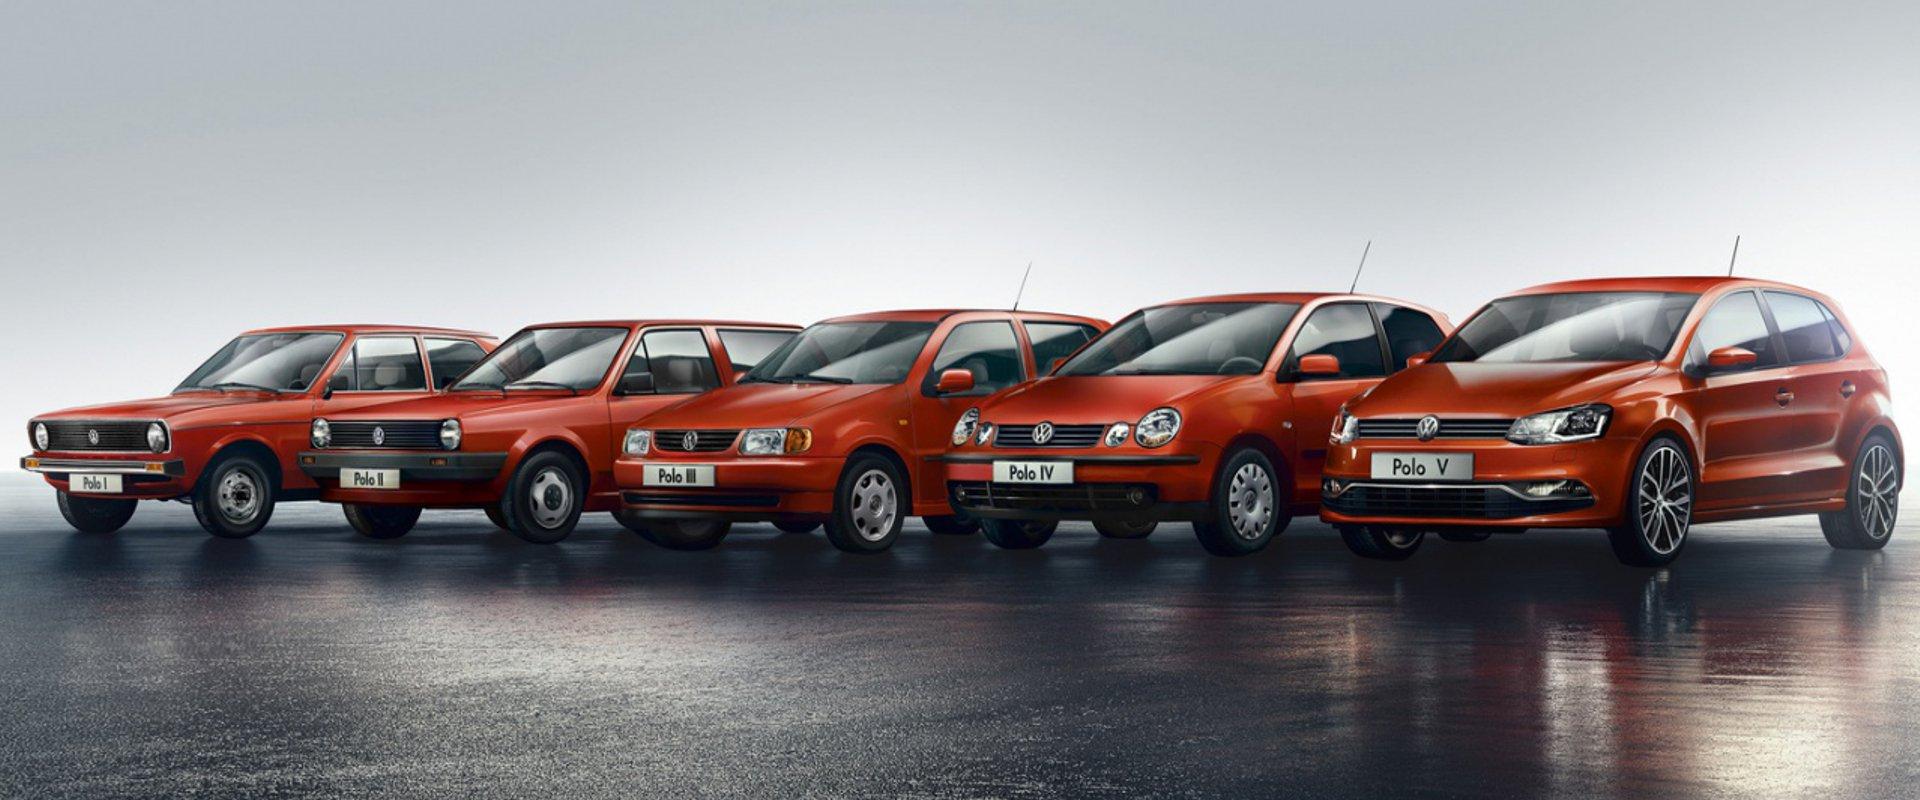 Specijalna serija za 40. rođendan Volkswagena Polo